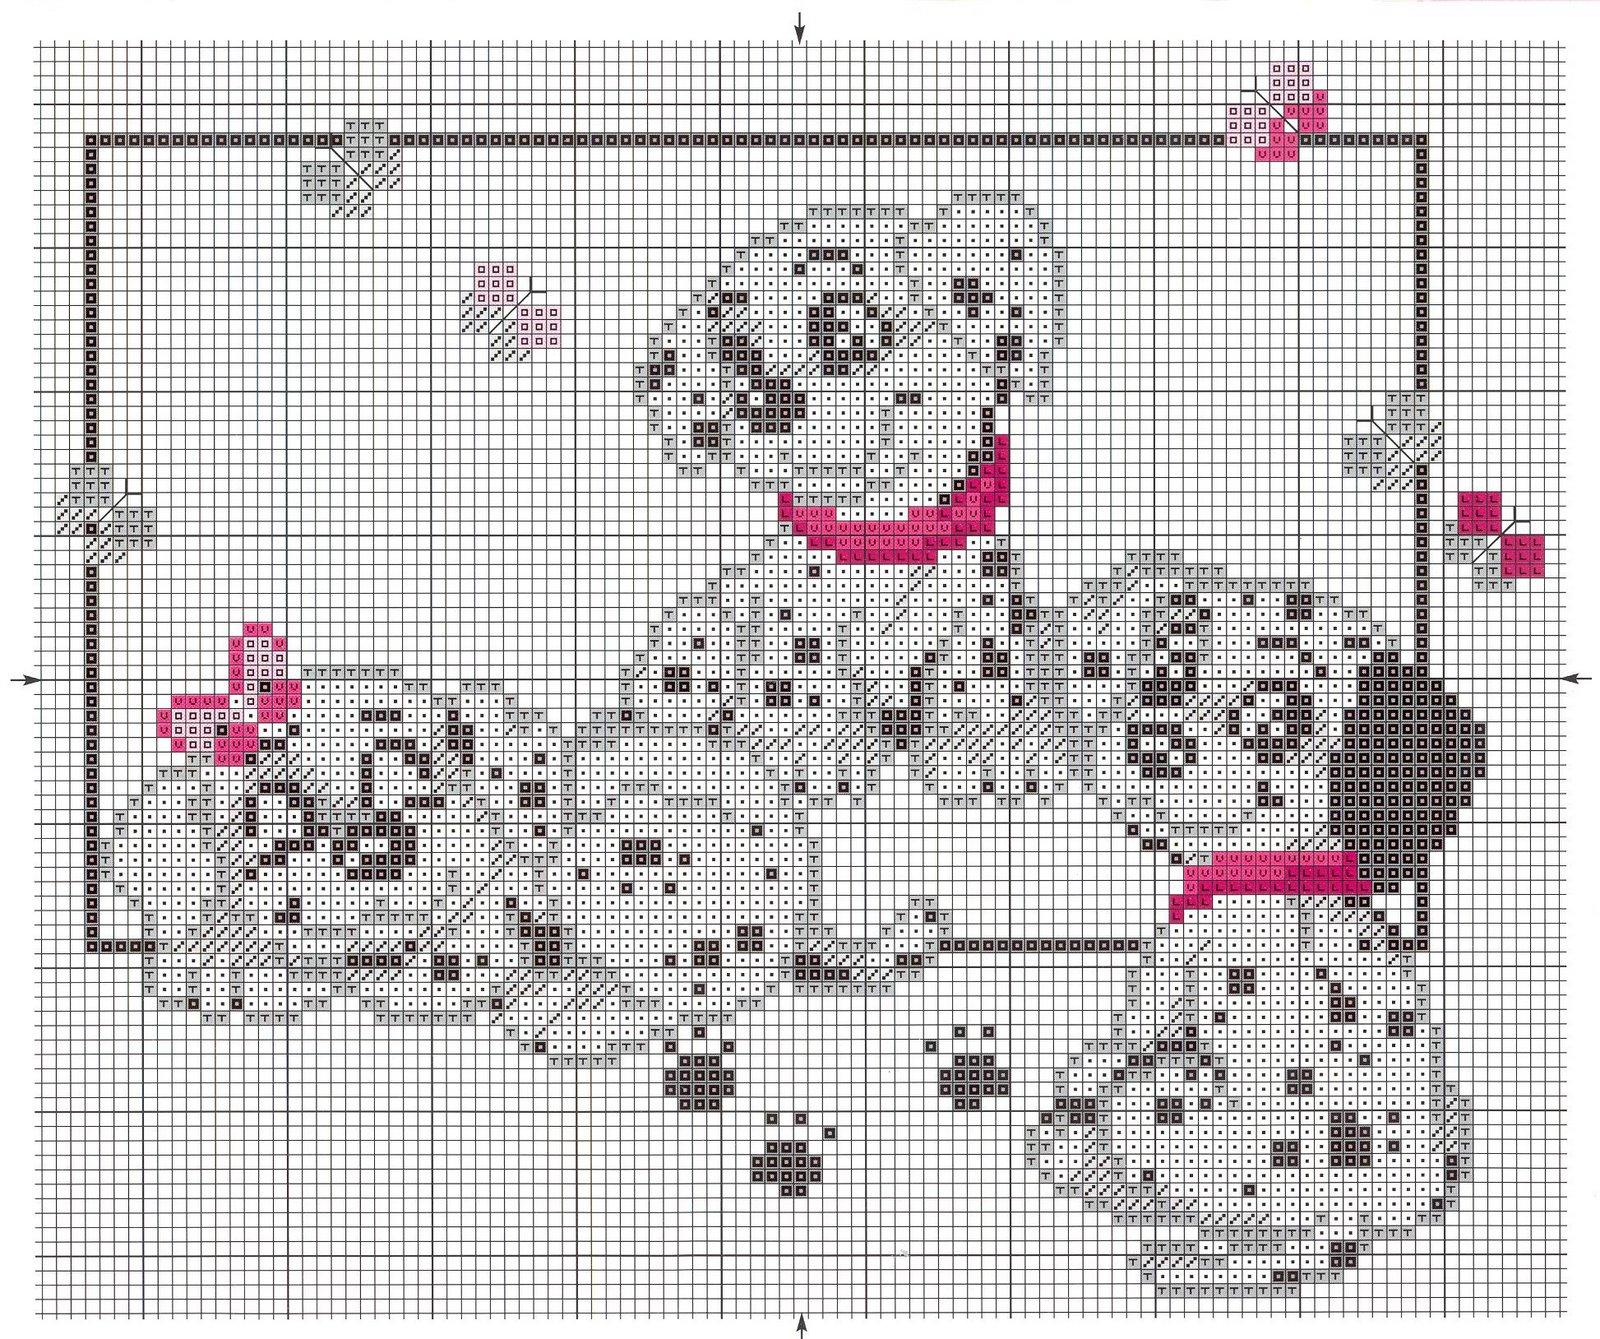 Трое щенков схема вышивки. схема трое щенков далматинцев.